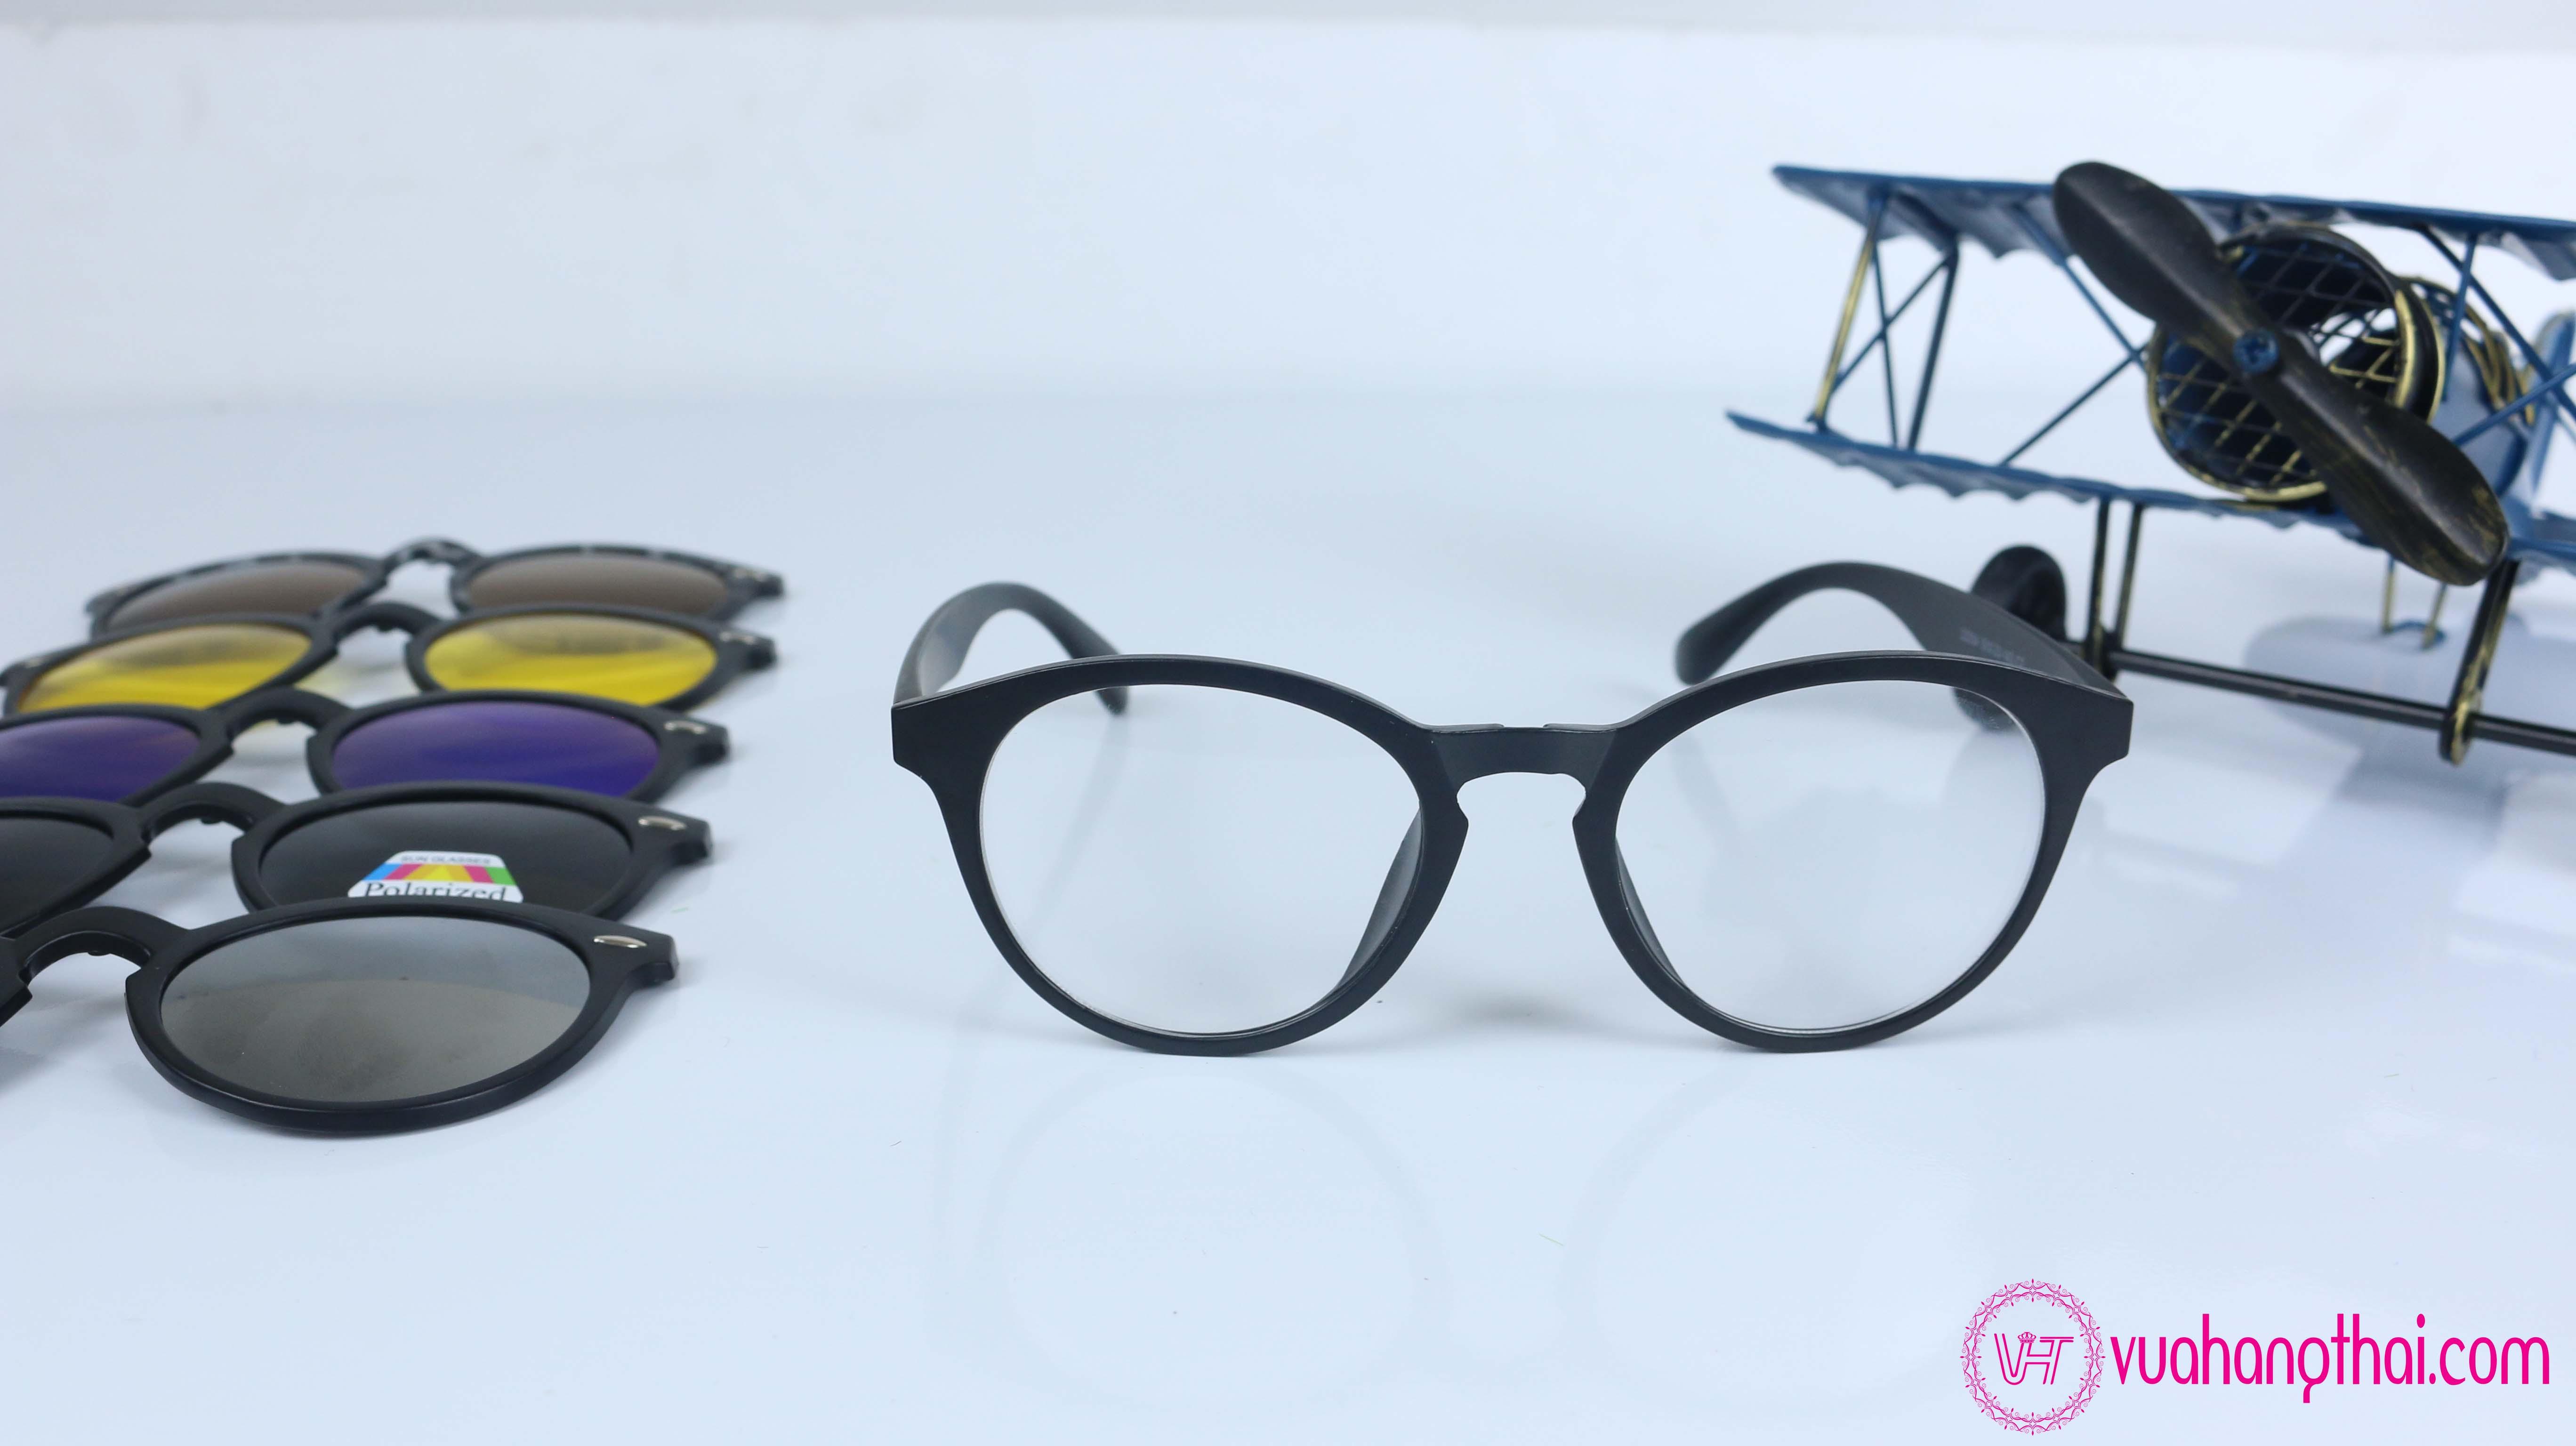 mắt kính đa năng thời trang 5 in 1